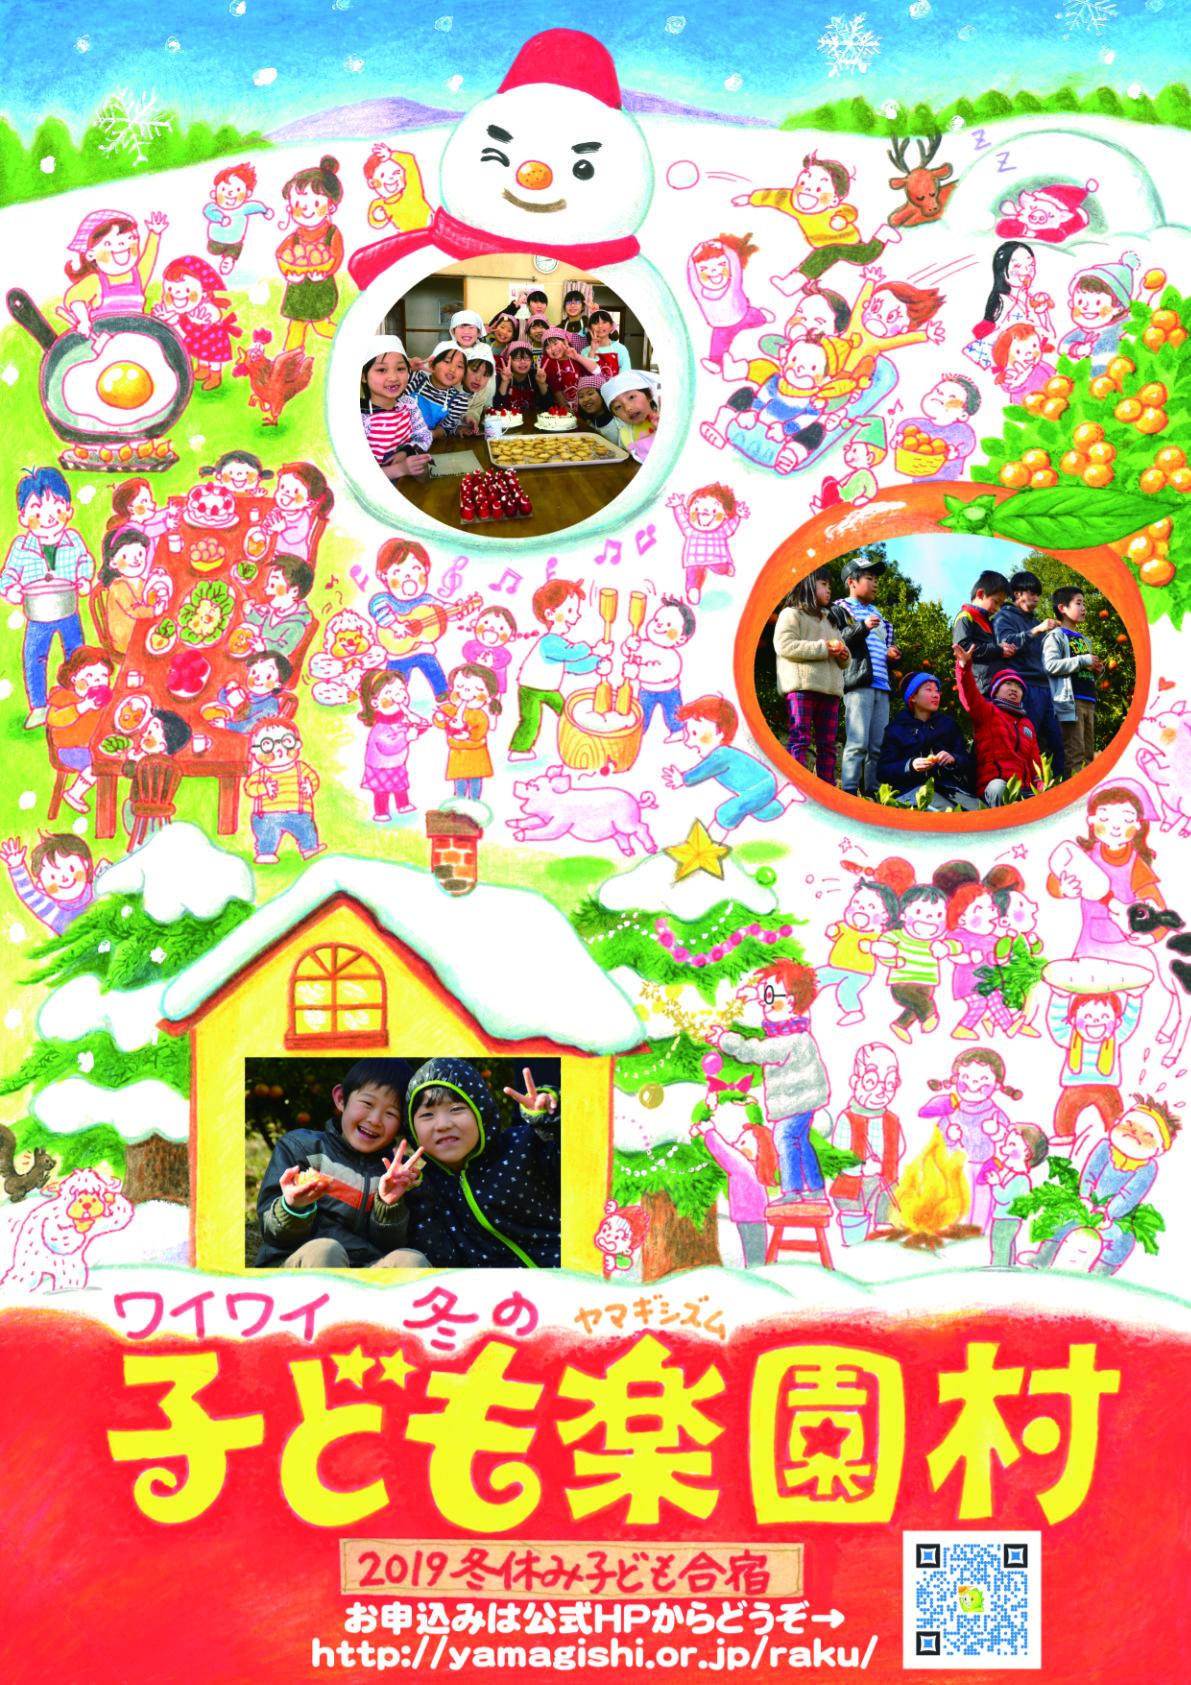 2019 冬の子ども楽園村 開催要項